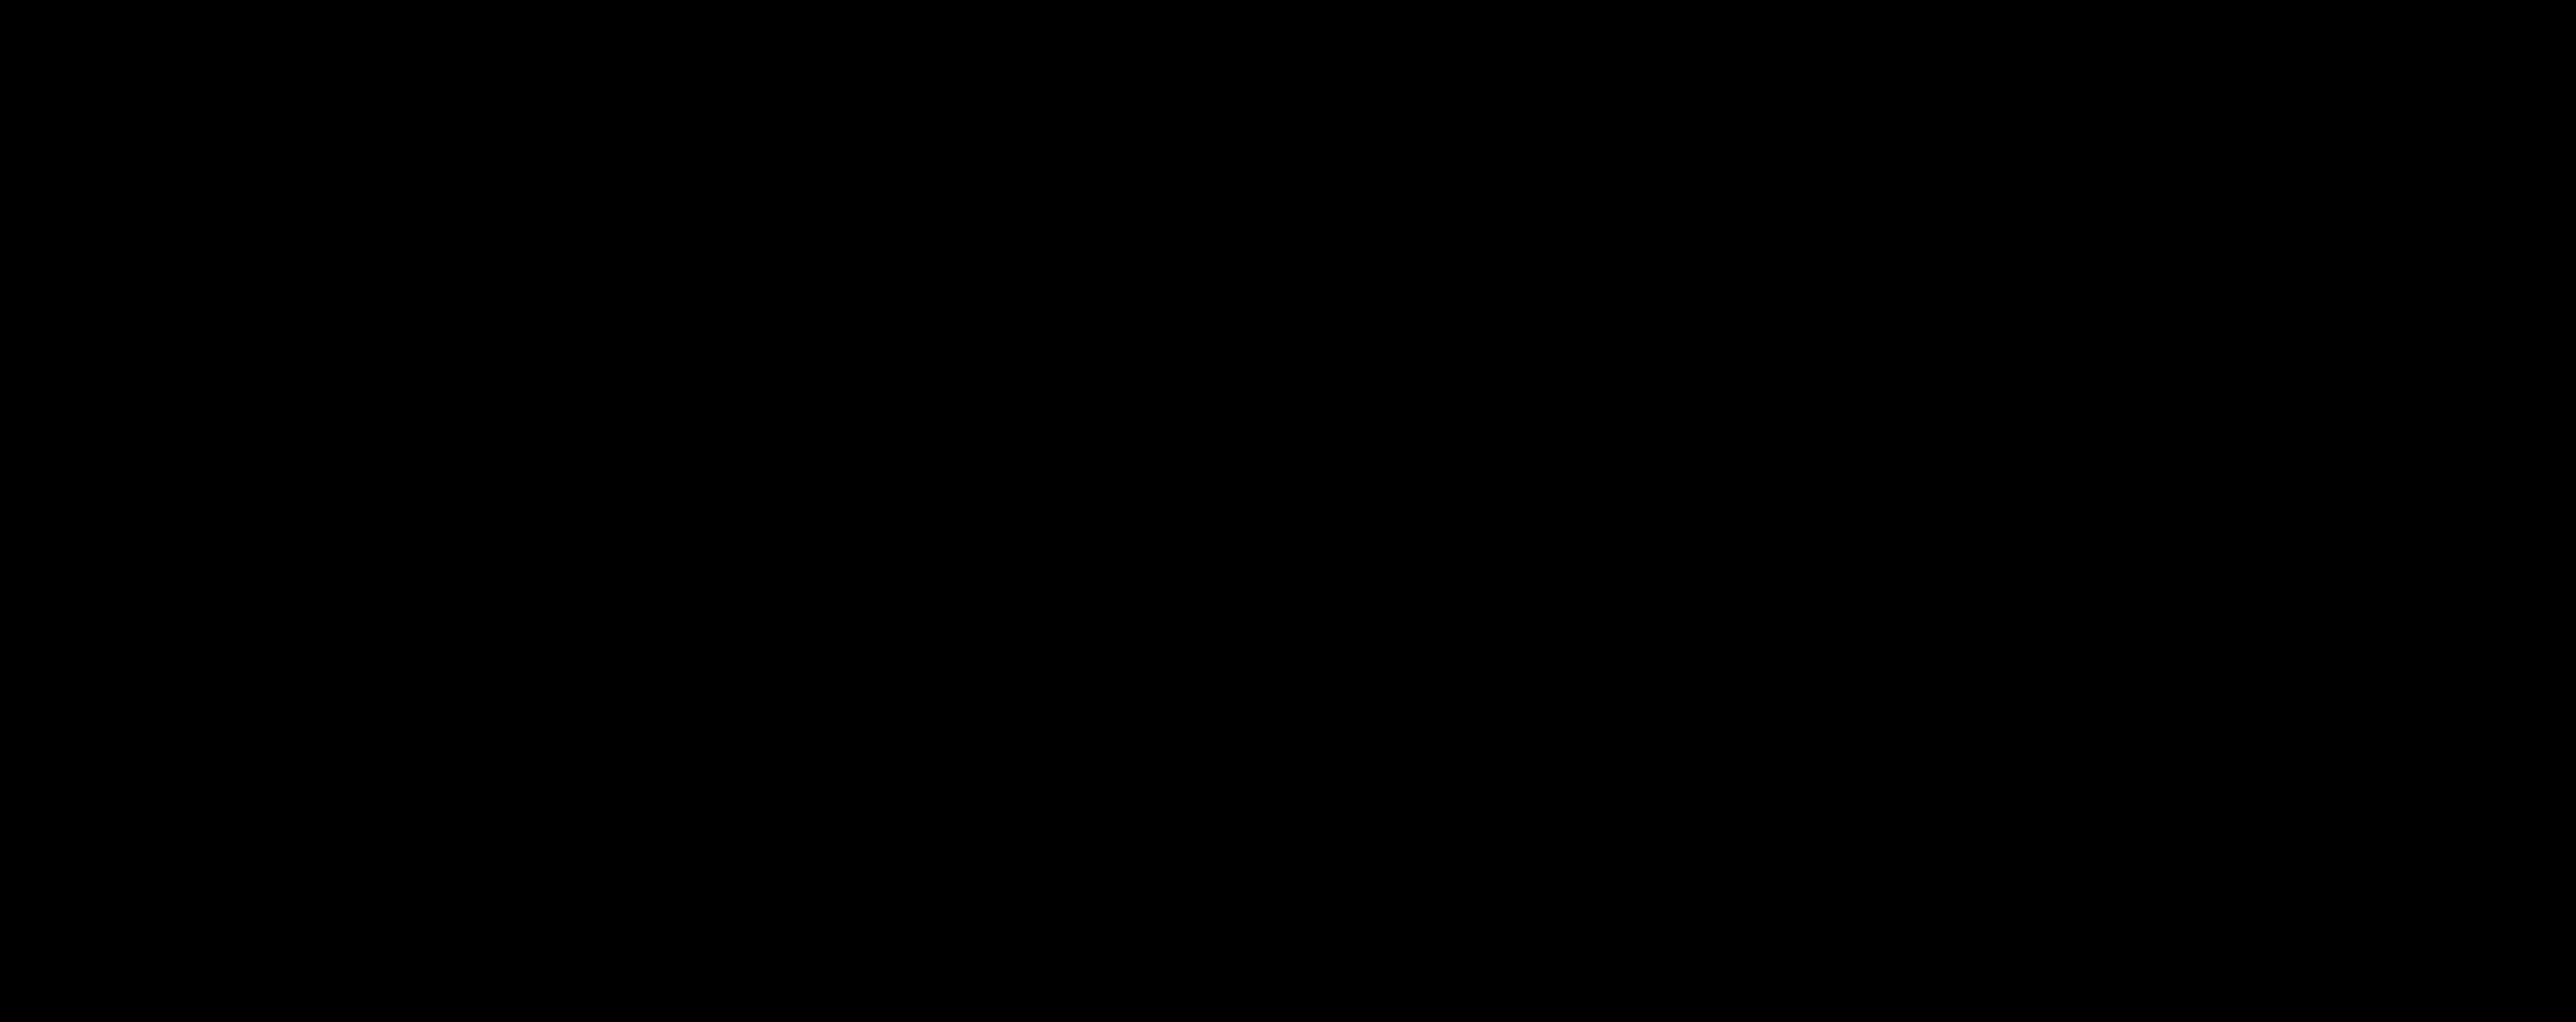 """Das Bild zeigt das Logo von Mission Inklusion, es ist der Schriftzug """"Mission Inklusion"""". Neben dem Schriftzug sieht man eine startende Rakte. Das Logo ist schwarz-weiß."""